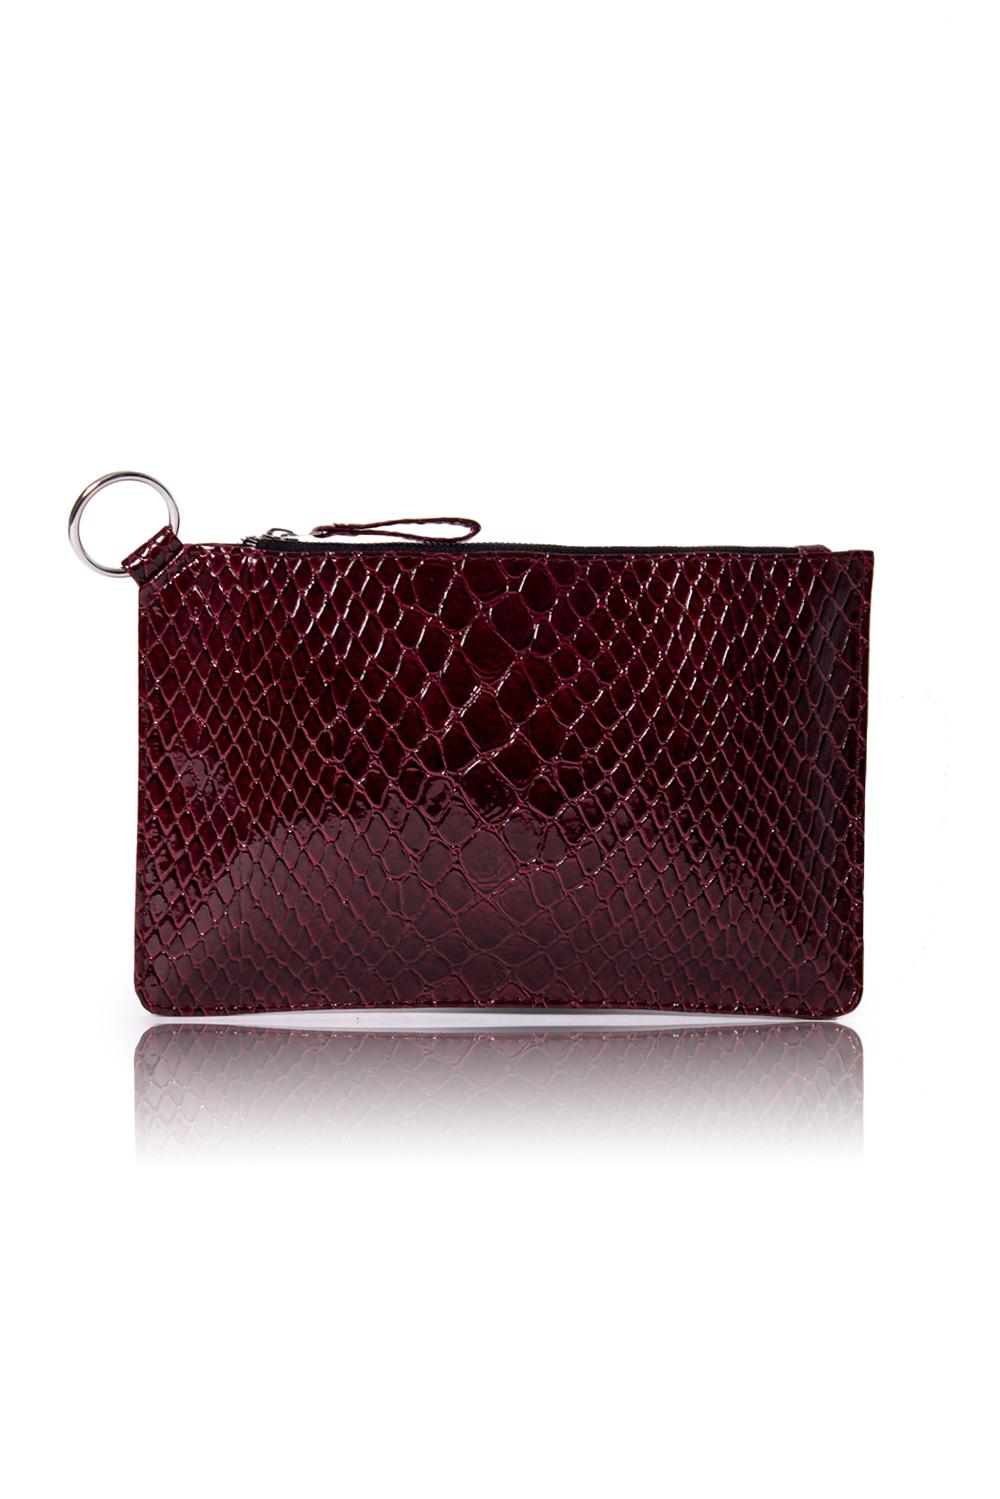 КлатчКлатчи<br>Женские сумки бренда DINESSI - это стильные аксессуары, которые по достоинству оценят представительницы прекрасного пола.  Клатч с застежкой на молнию. Внутри карман на молнии.  Подклад может отличаться от представленного на фото.  Цвет: бордовый.  Размеры: Высота - 17 ± 1 см Длина - 25 ± 1 см Ширина - 0,3 ± 1 см<br><br>Отделения: 1 отделение<br>По материалу: Искусственная кожа,Лакированная кожа<br>По размеру: Маленькие<br>По рисунку: Однотонные,Рептилия,Фактурный рисунок<br>По способу ношения: В руках,На запастье<br>По степени жесткости: Мягкие<br>По типу застежки: С застежкой молнией<br>По элементам: Карман на молнии,Карман под телефон<br>По форме: Прямоугольные<br>Размер : UNI<br>Материал: Искусственная кожа<br>Количество в наличии: 1